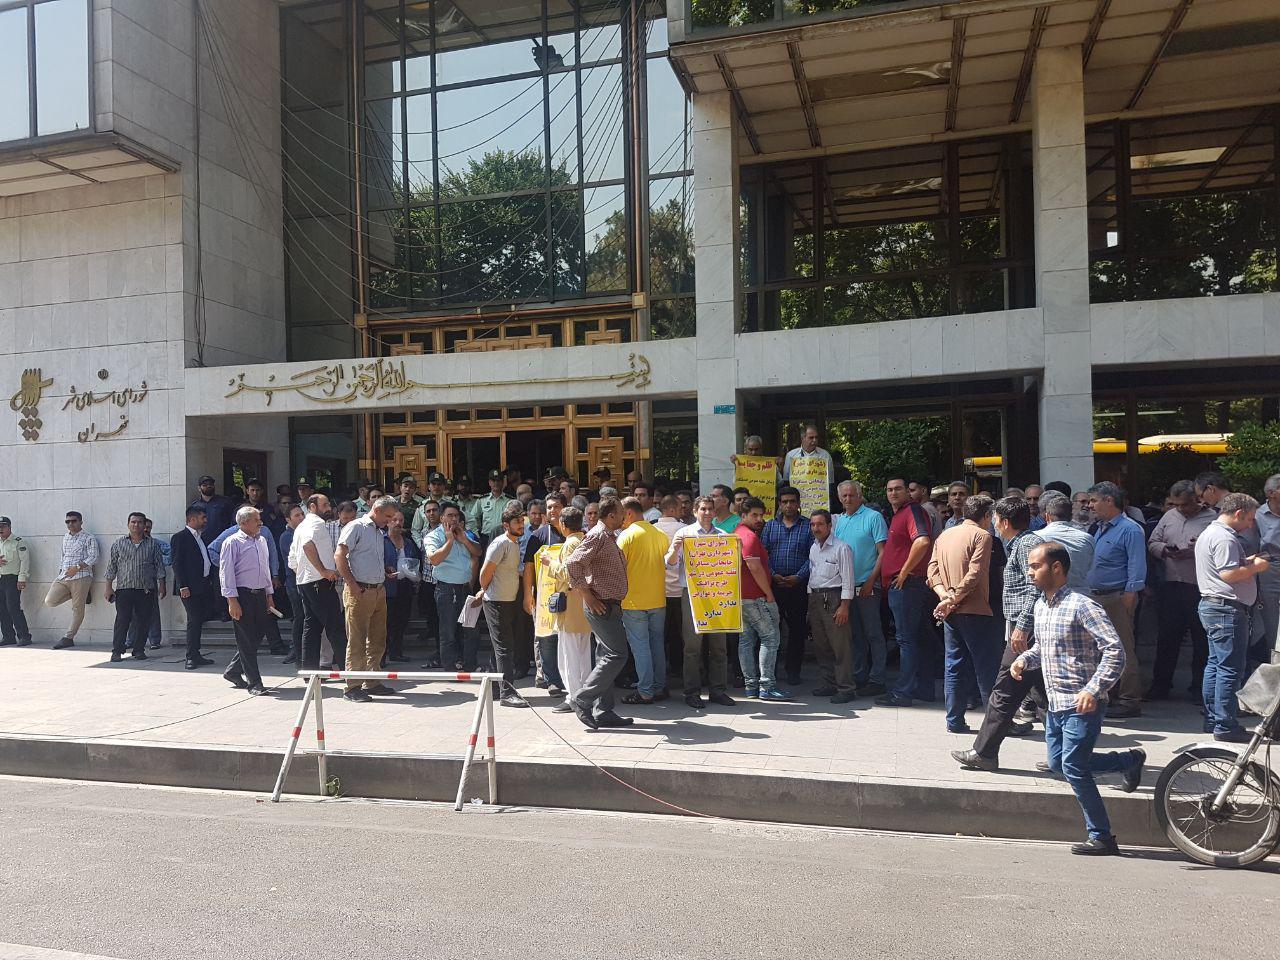 کاظمی/ تجمع رانندگان پلاک عمومی در مقابل شورای شهر با شعار